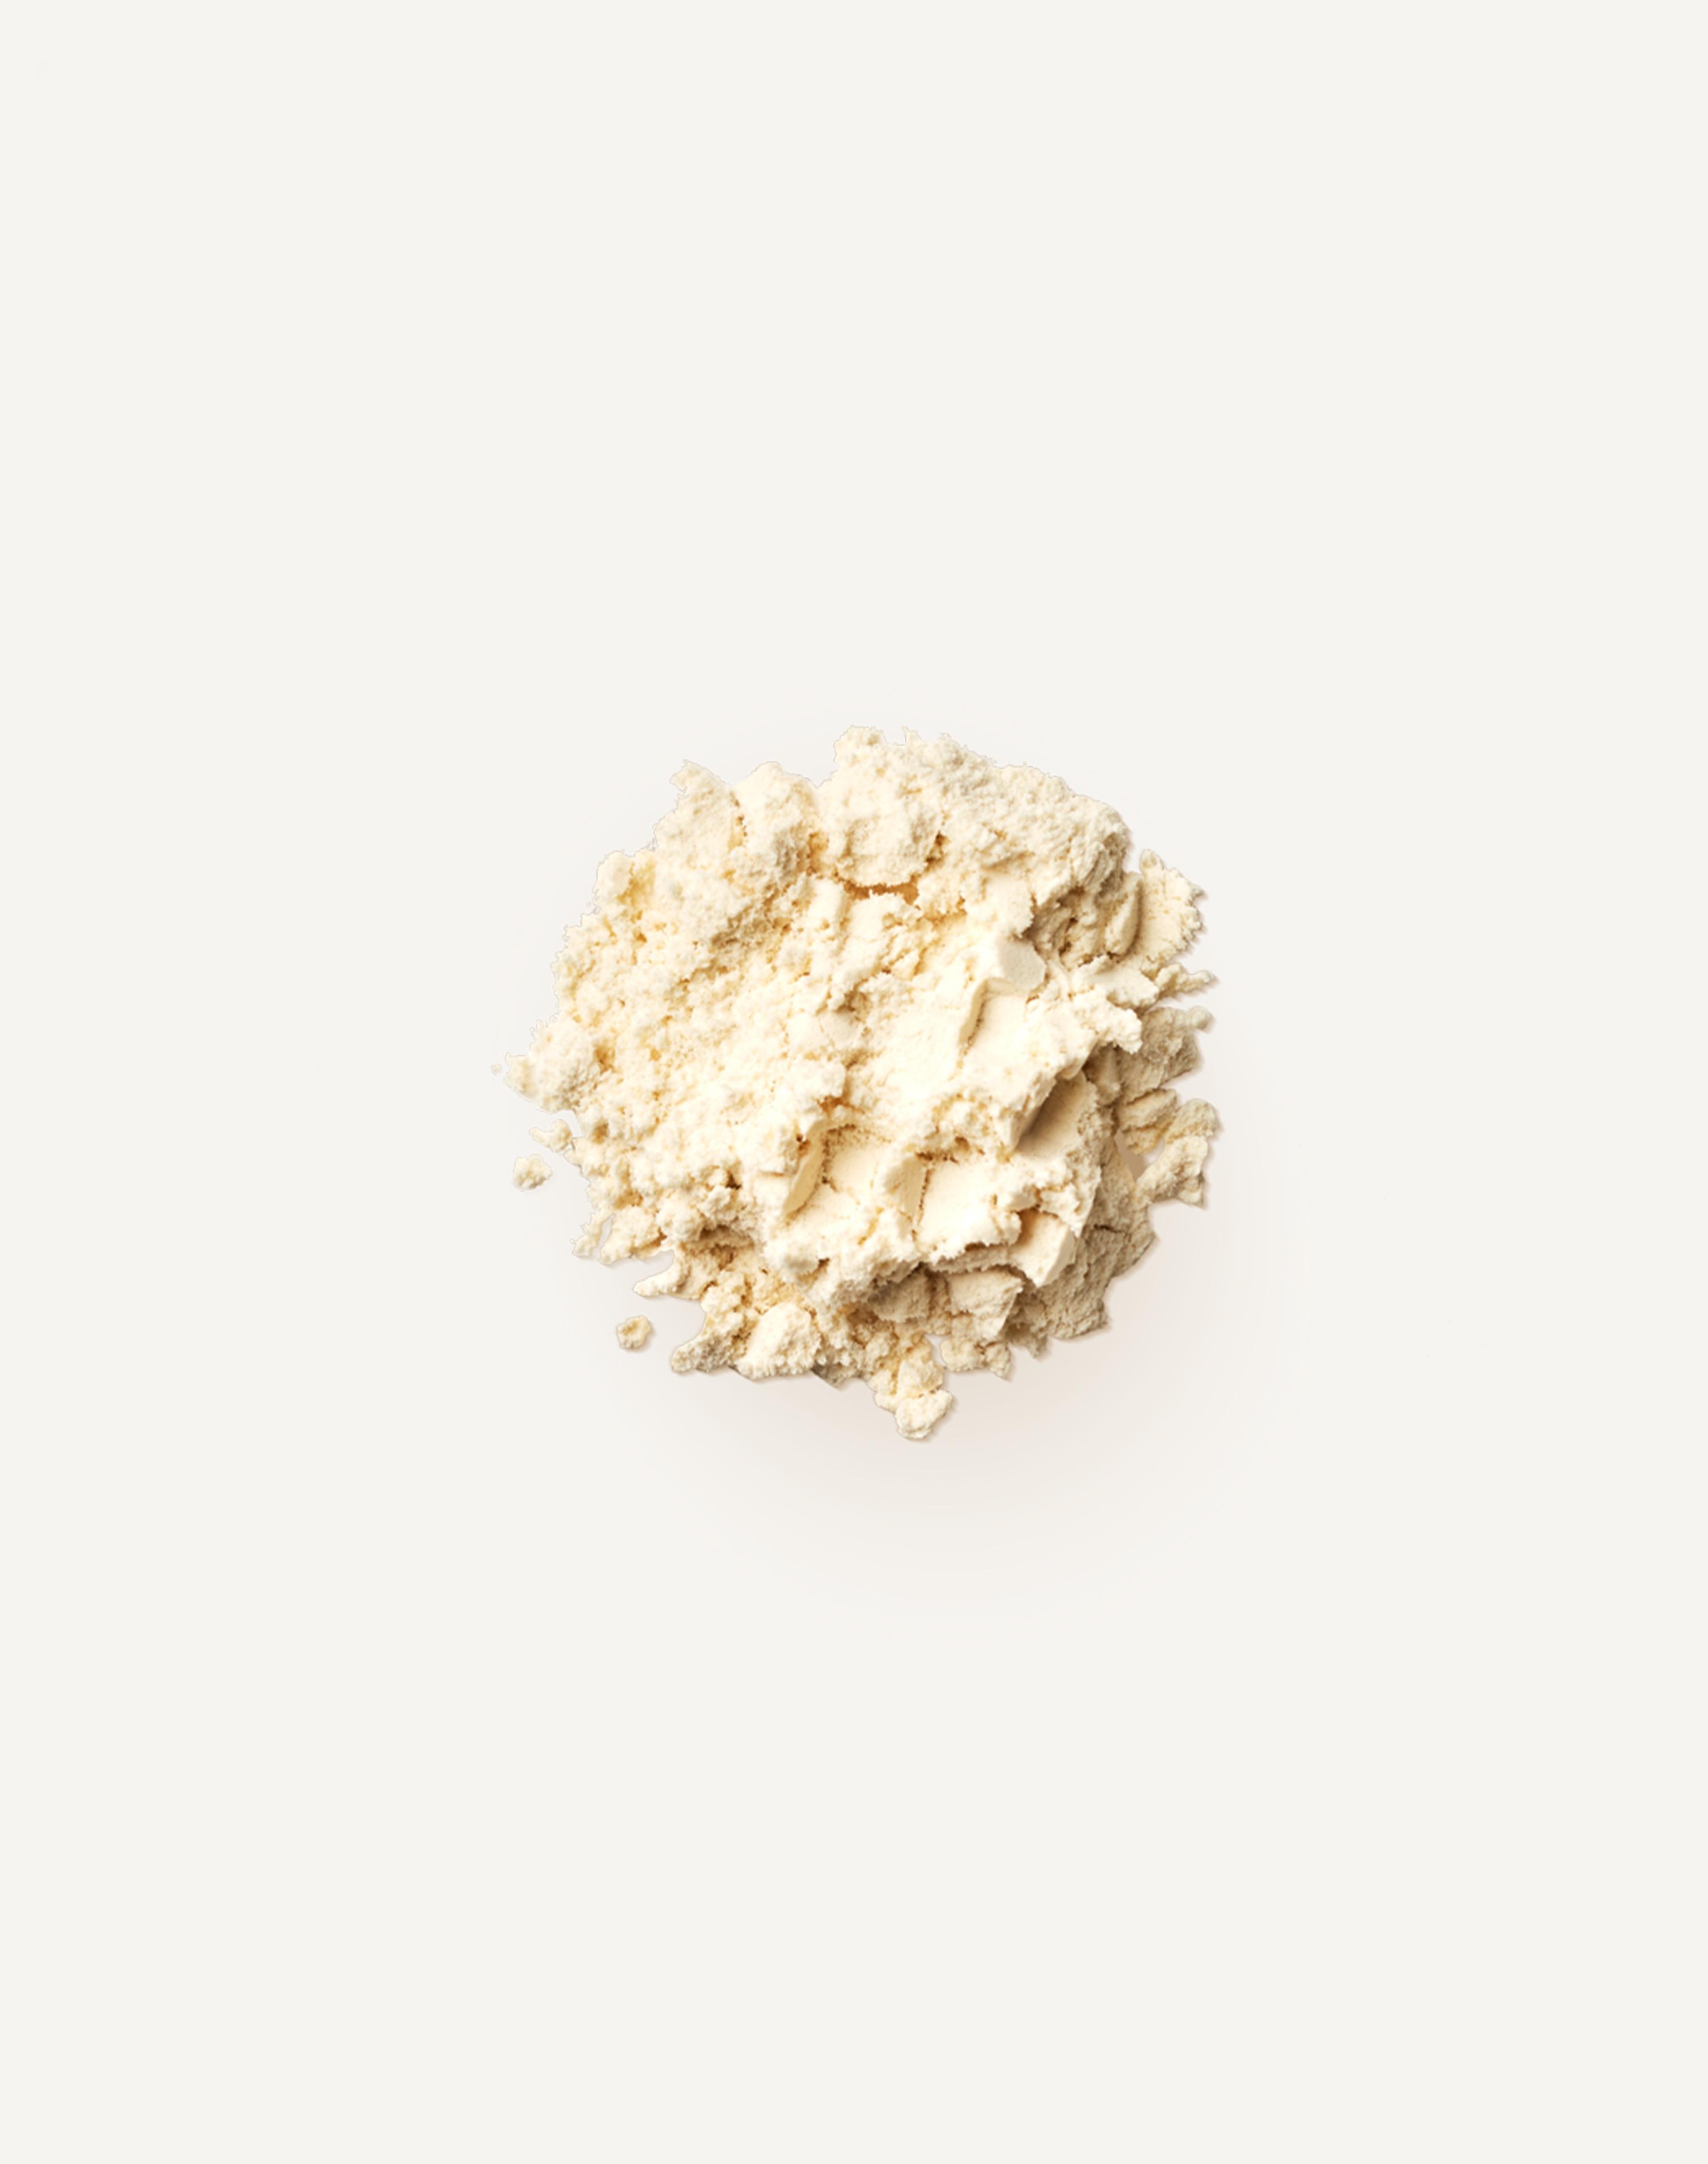 Fuelled Protein Bar Ingredient Protein Blend